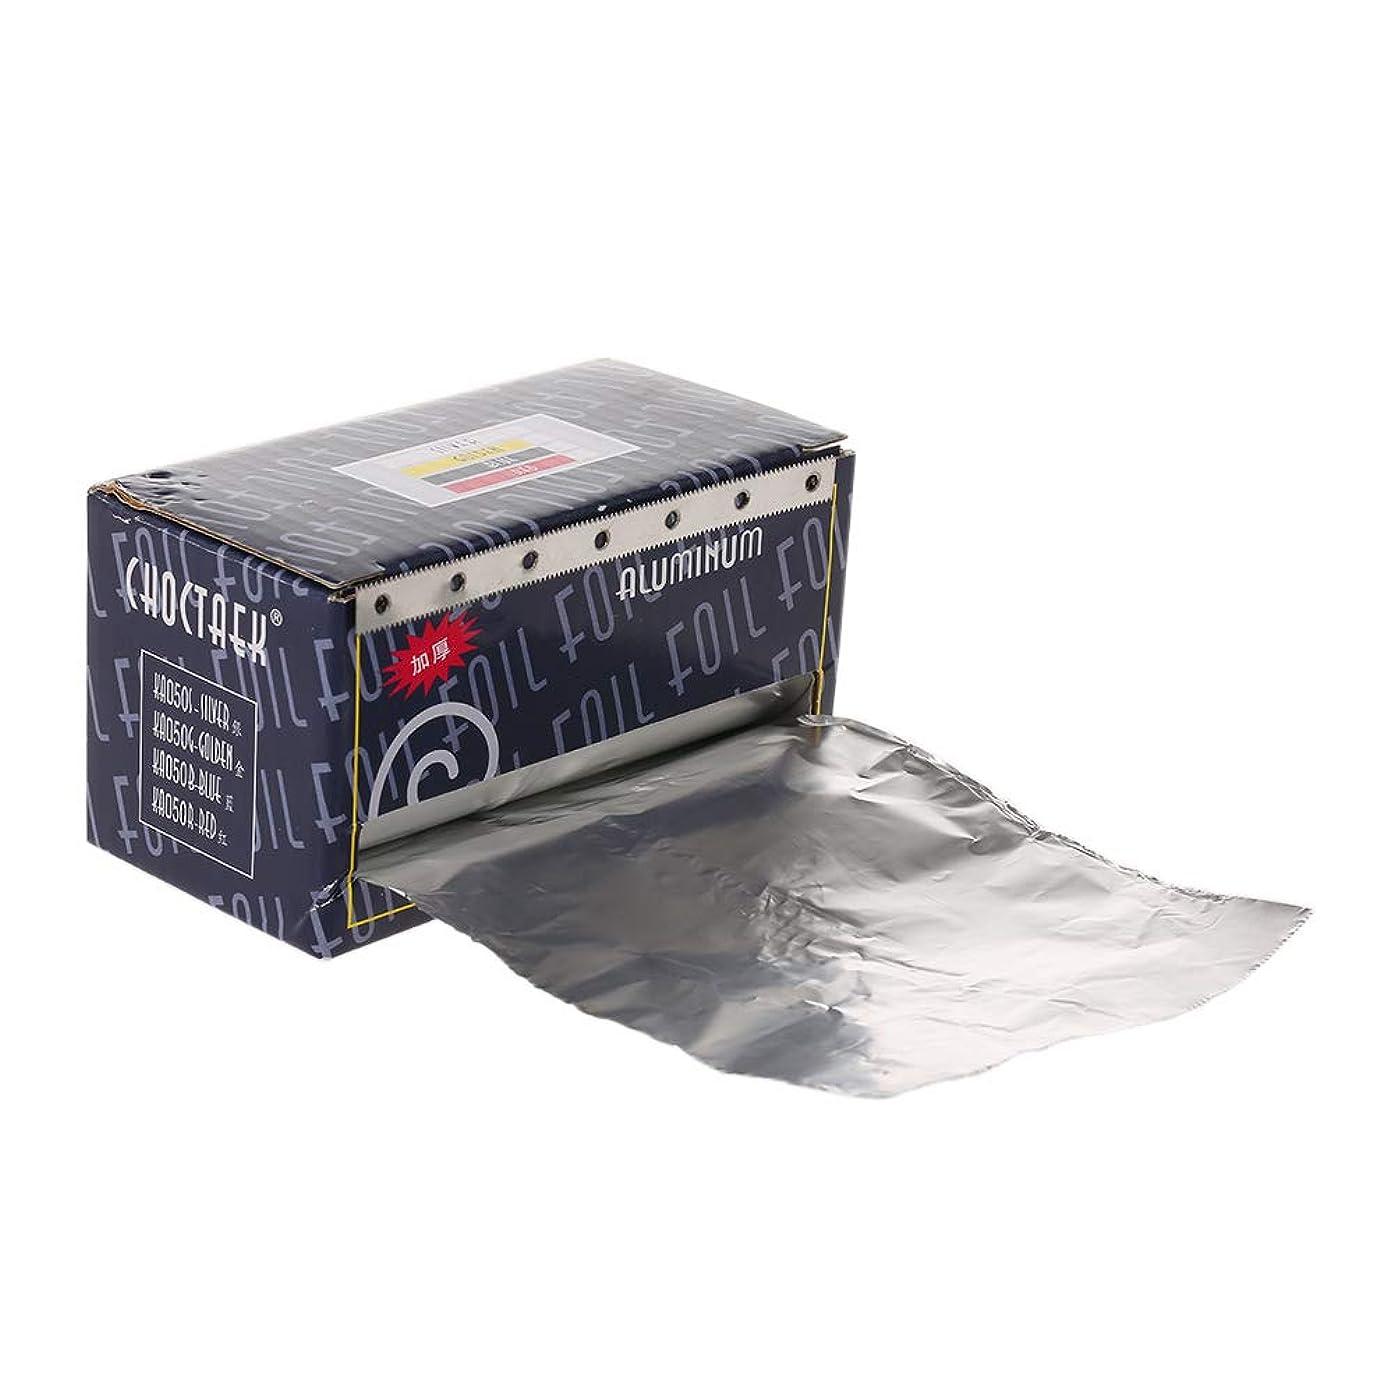 滑り台インド顕現Decdeal ヘア/ネイル用 錫箔紙 理髪用品用アルミ箔 ヘアサロンツール ヘアパーマヘアスタイリング着色